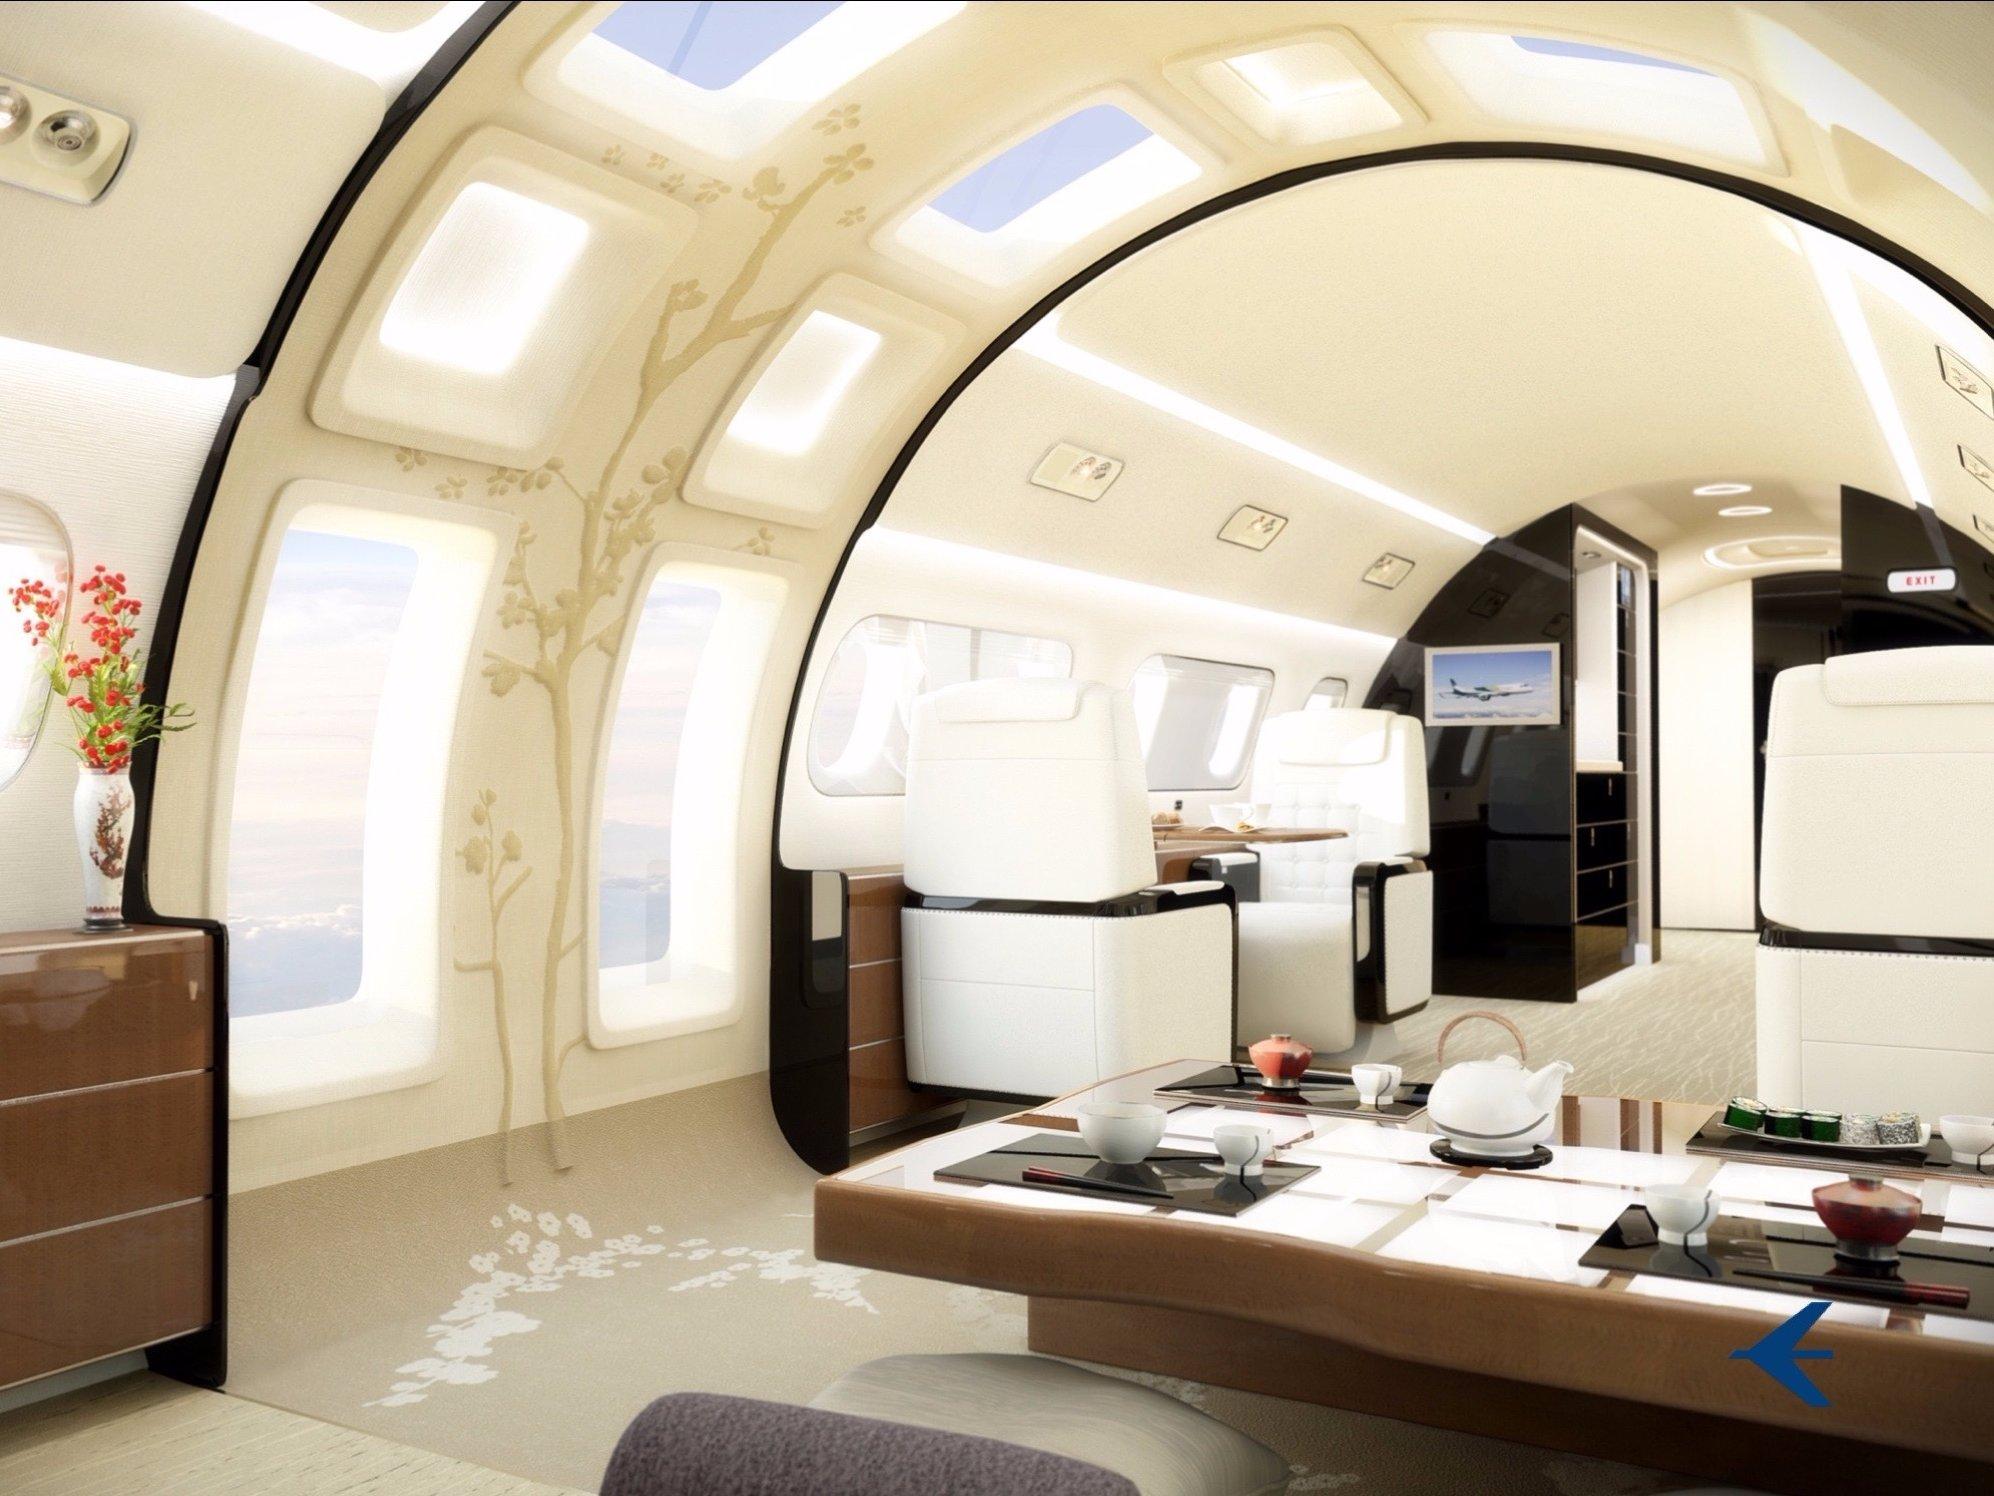 embraer kyoto airship-2